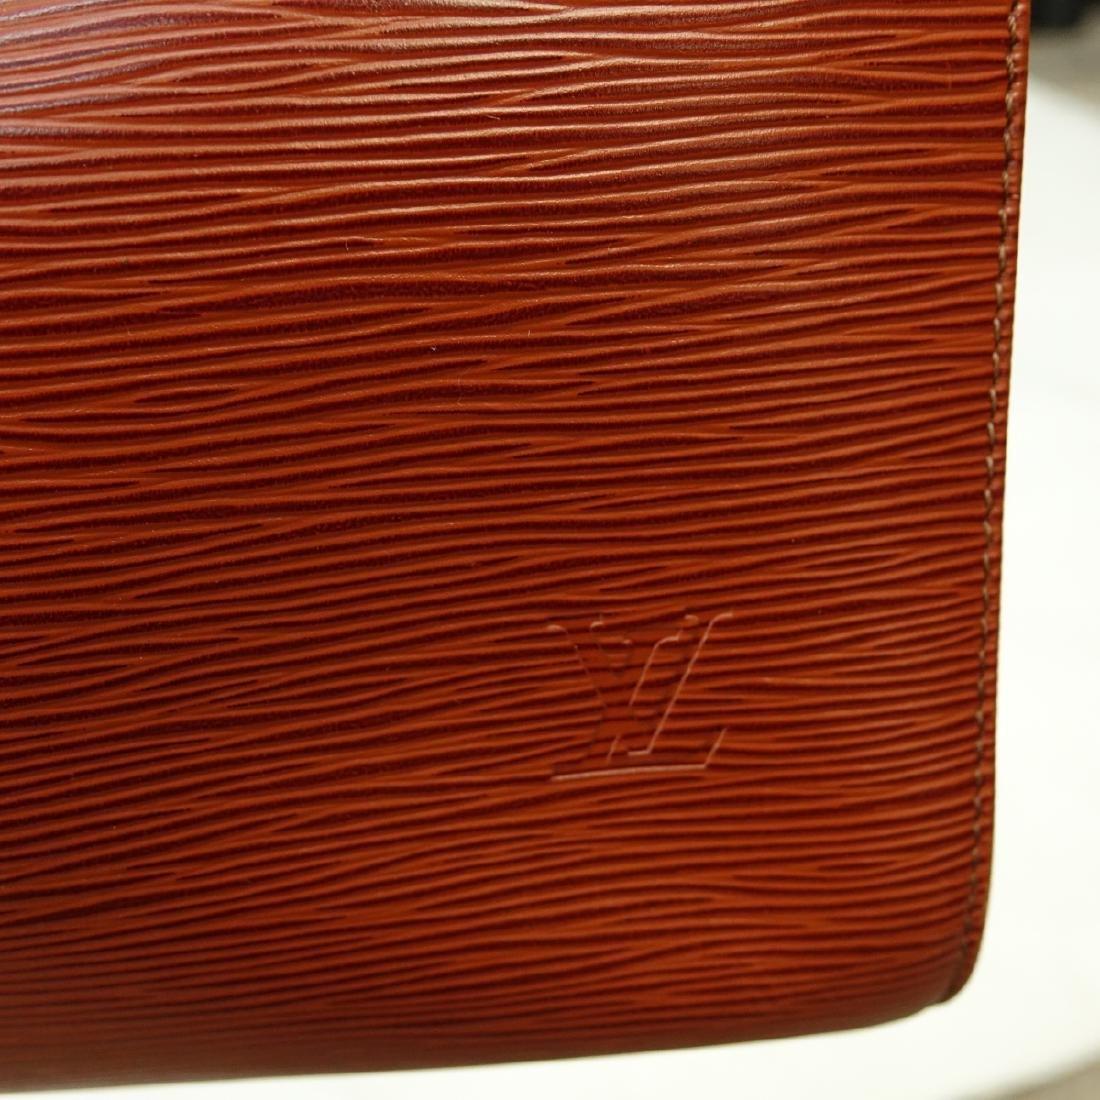 Louis Vuitton Tan Epi Leather Speedy 40 Bag - 3